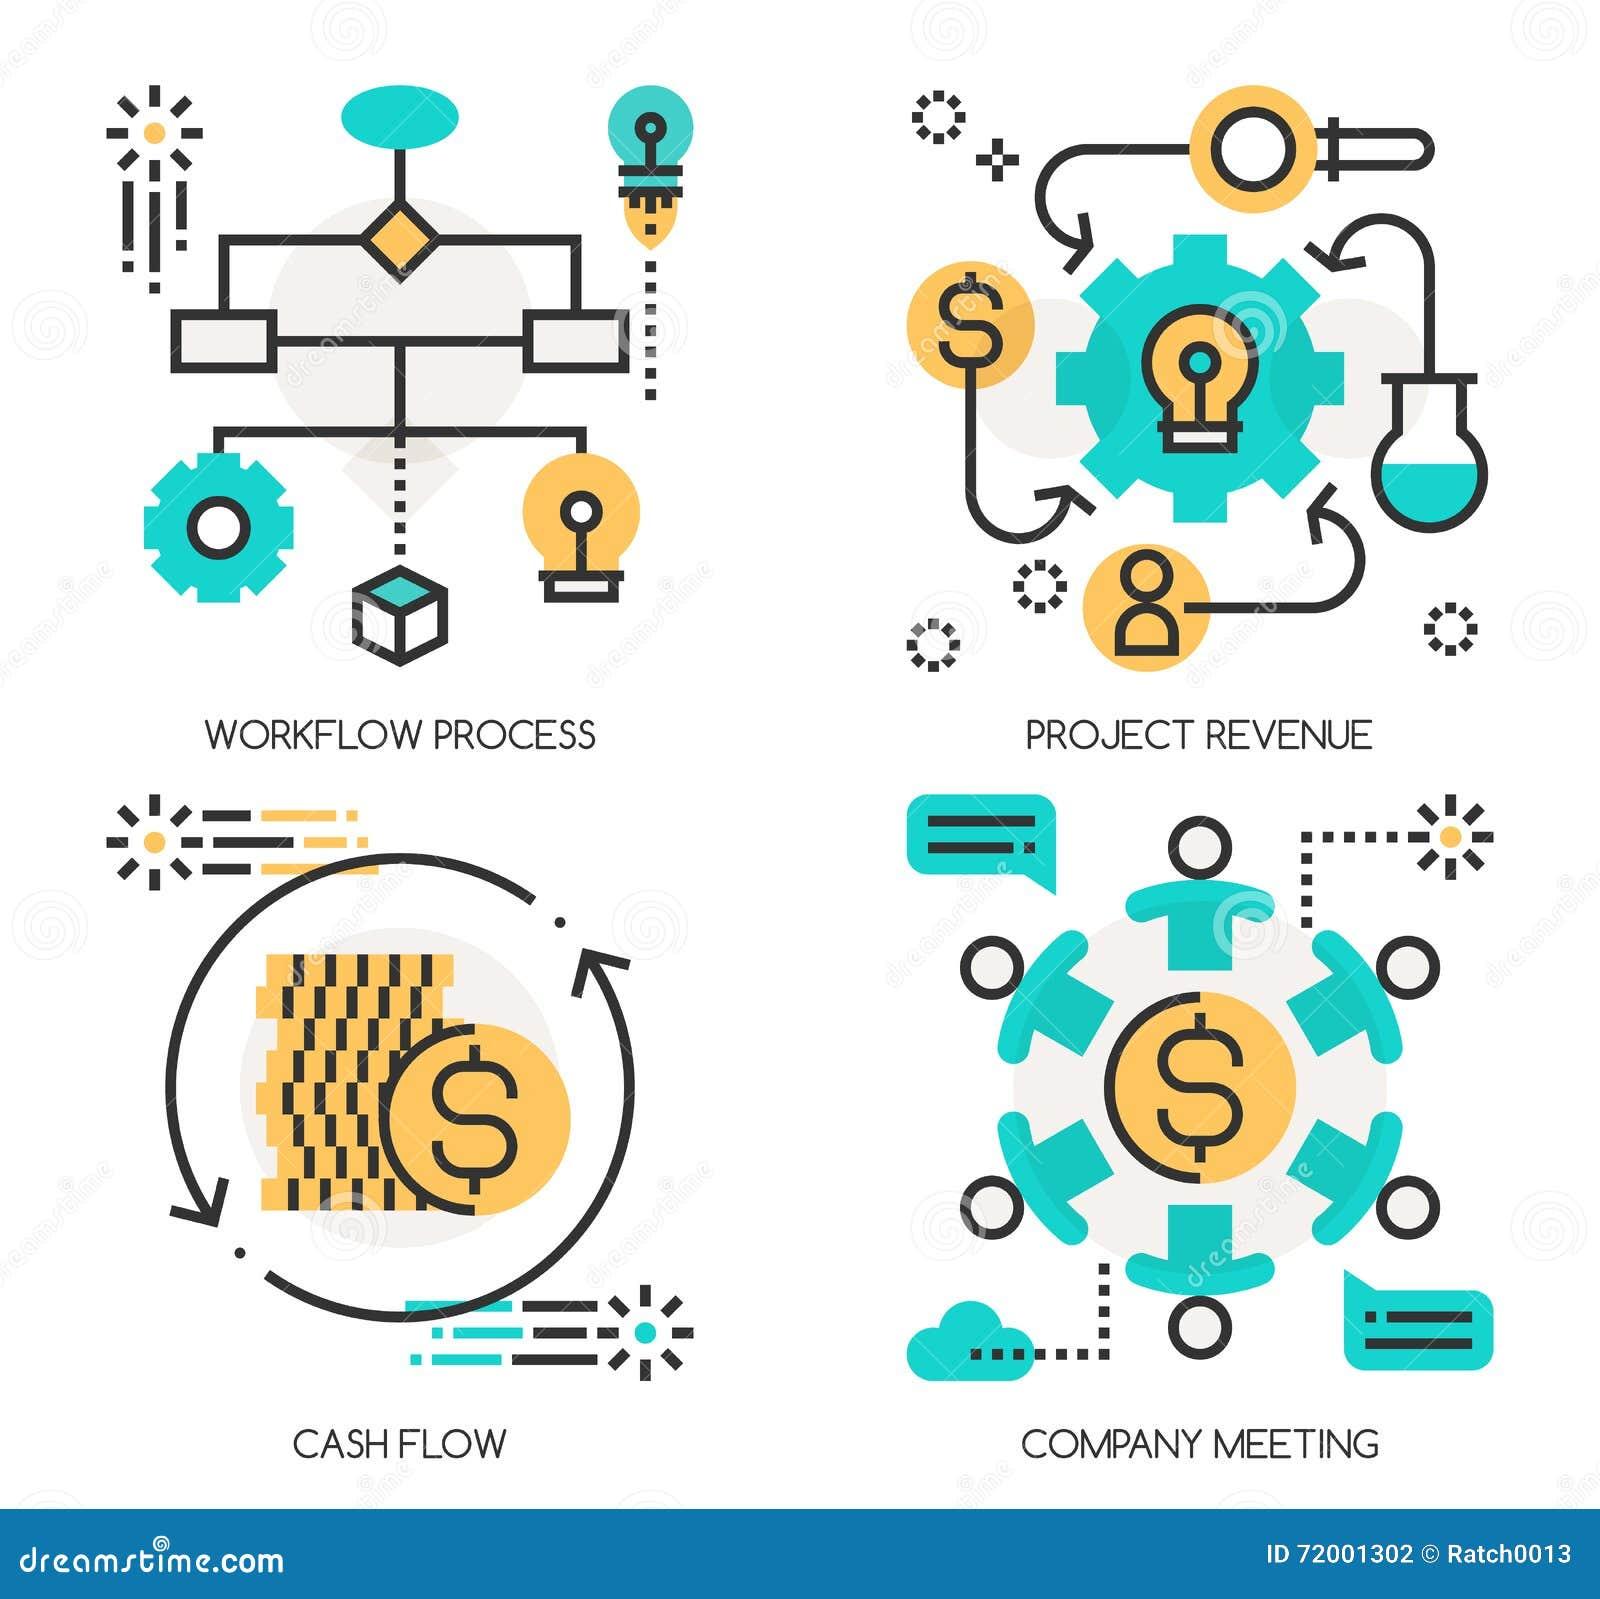 Workflow Process Icon Cartoon Vector